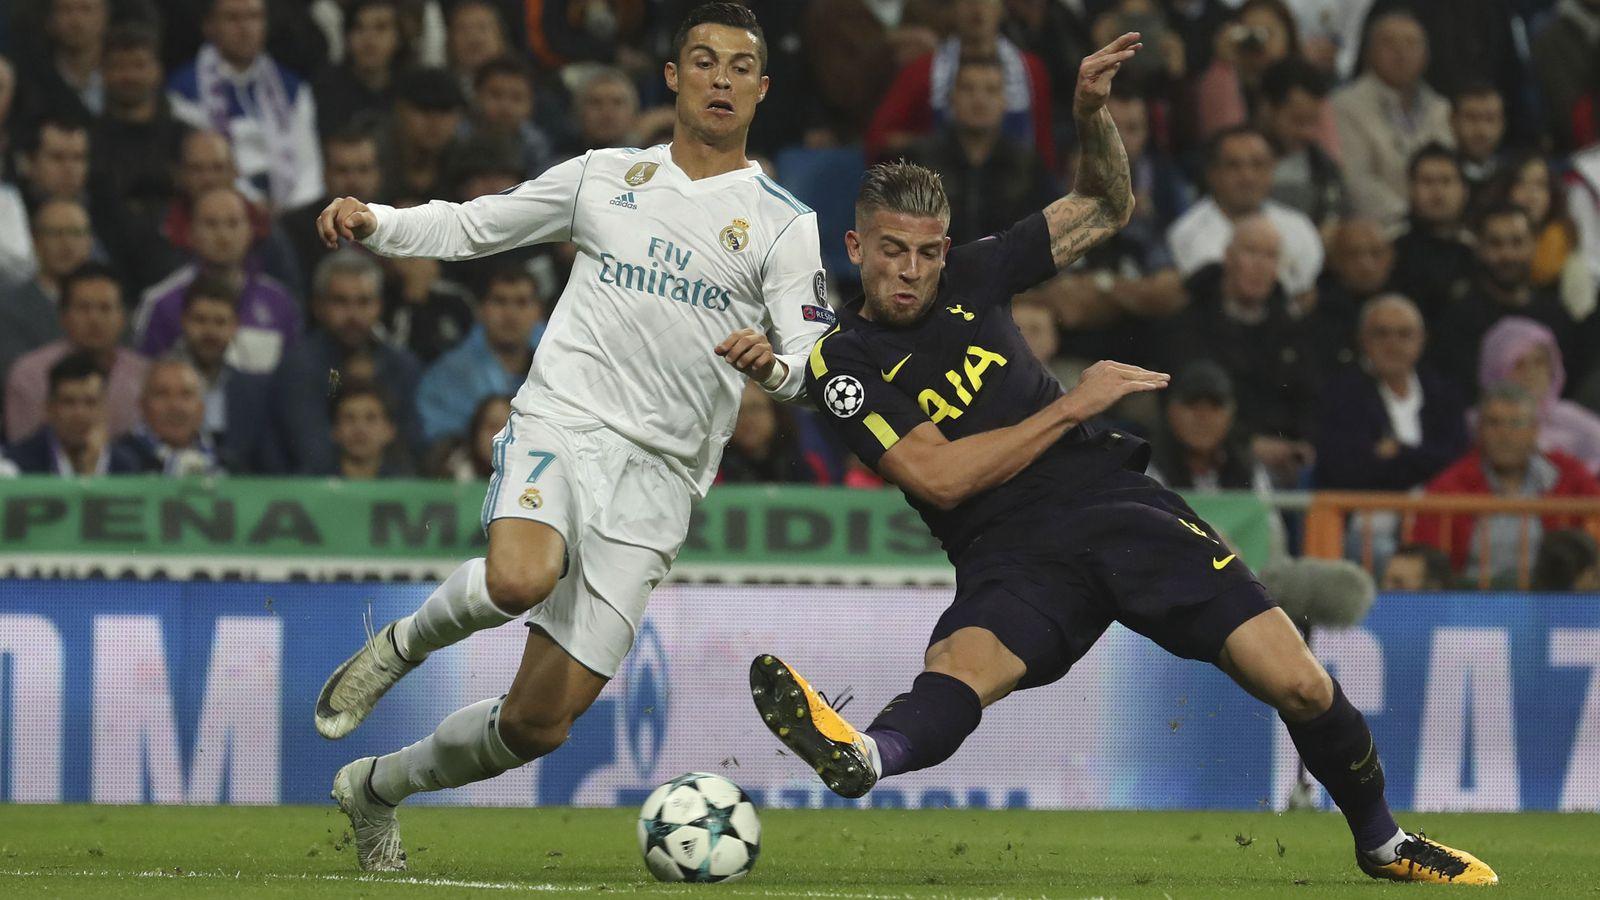 Foto: El Real Madrid no pudo pasar del empate contra el Tottenham. (EFE)